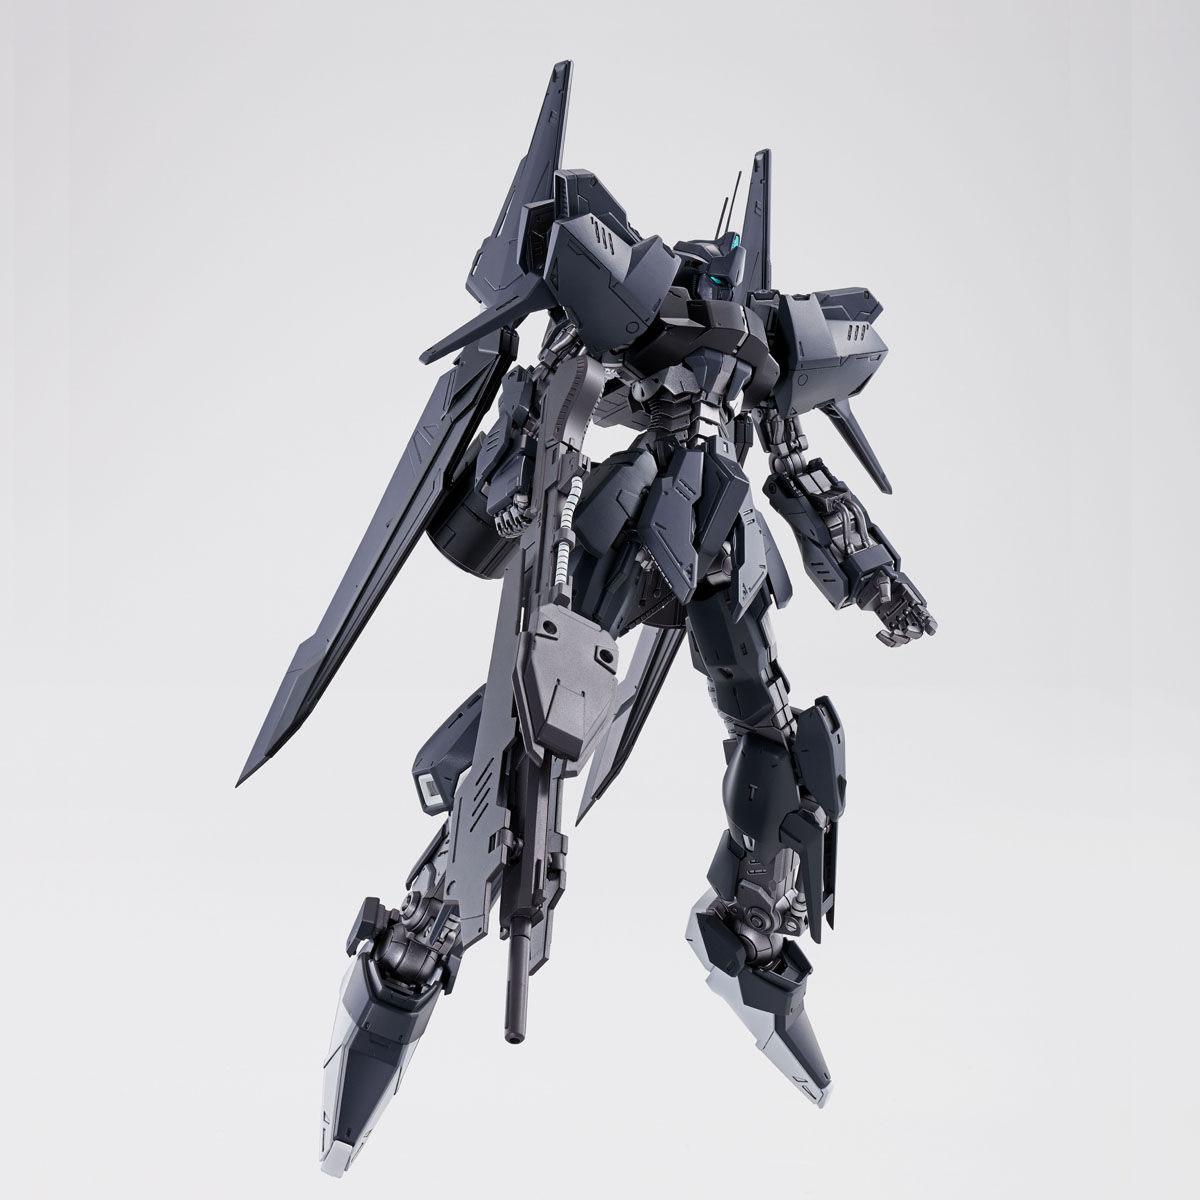 MG 1/100『百式壊』プラモデル-004